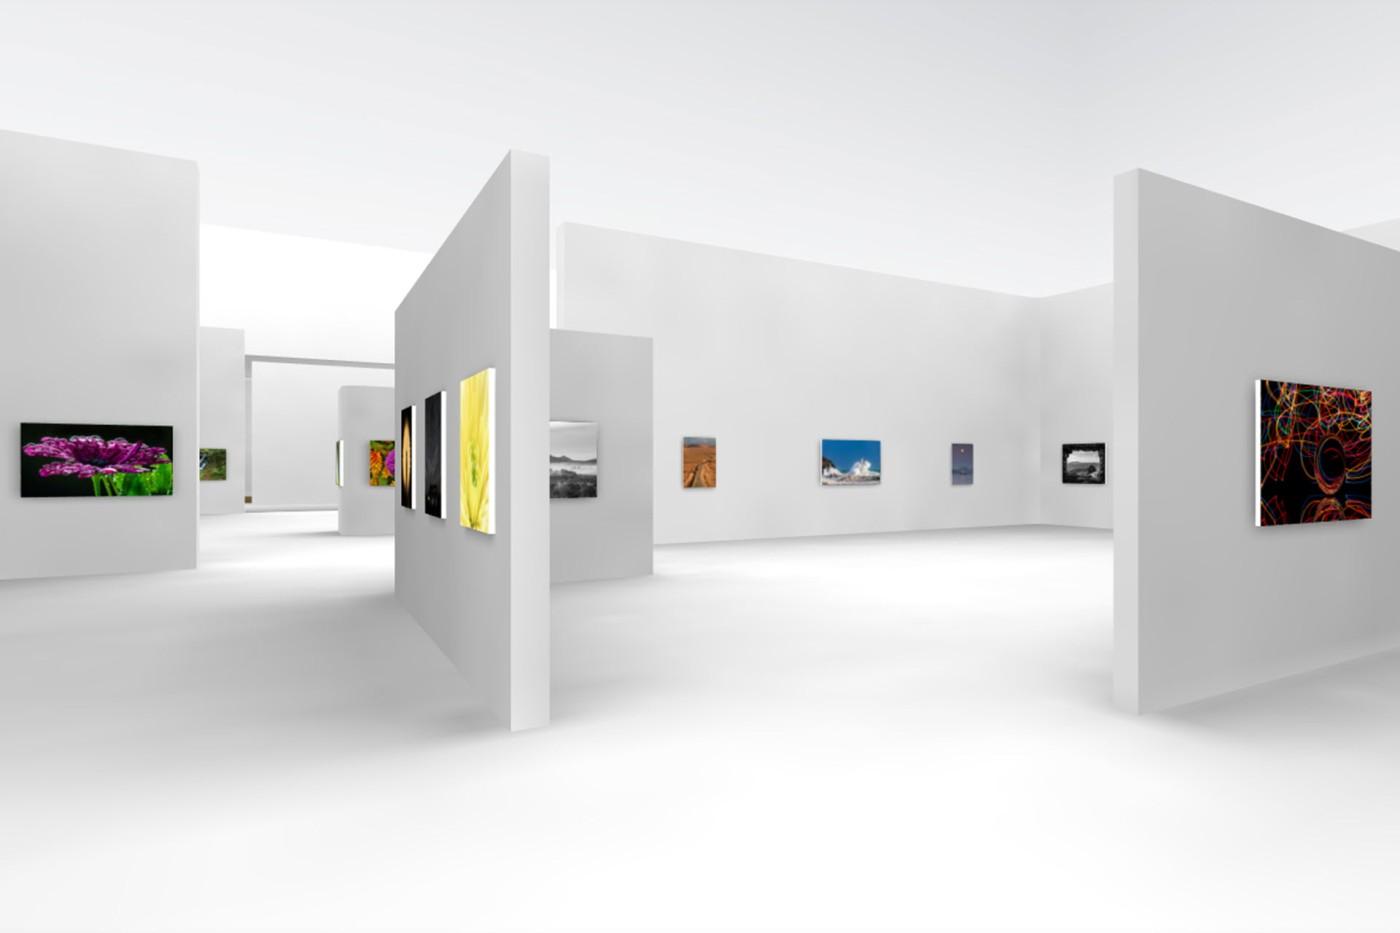 Killarney Camera Club 3D Virtual Exhibition